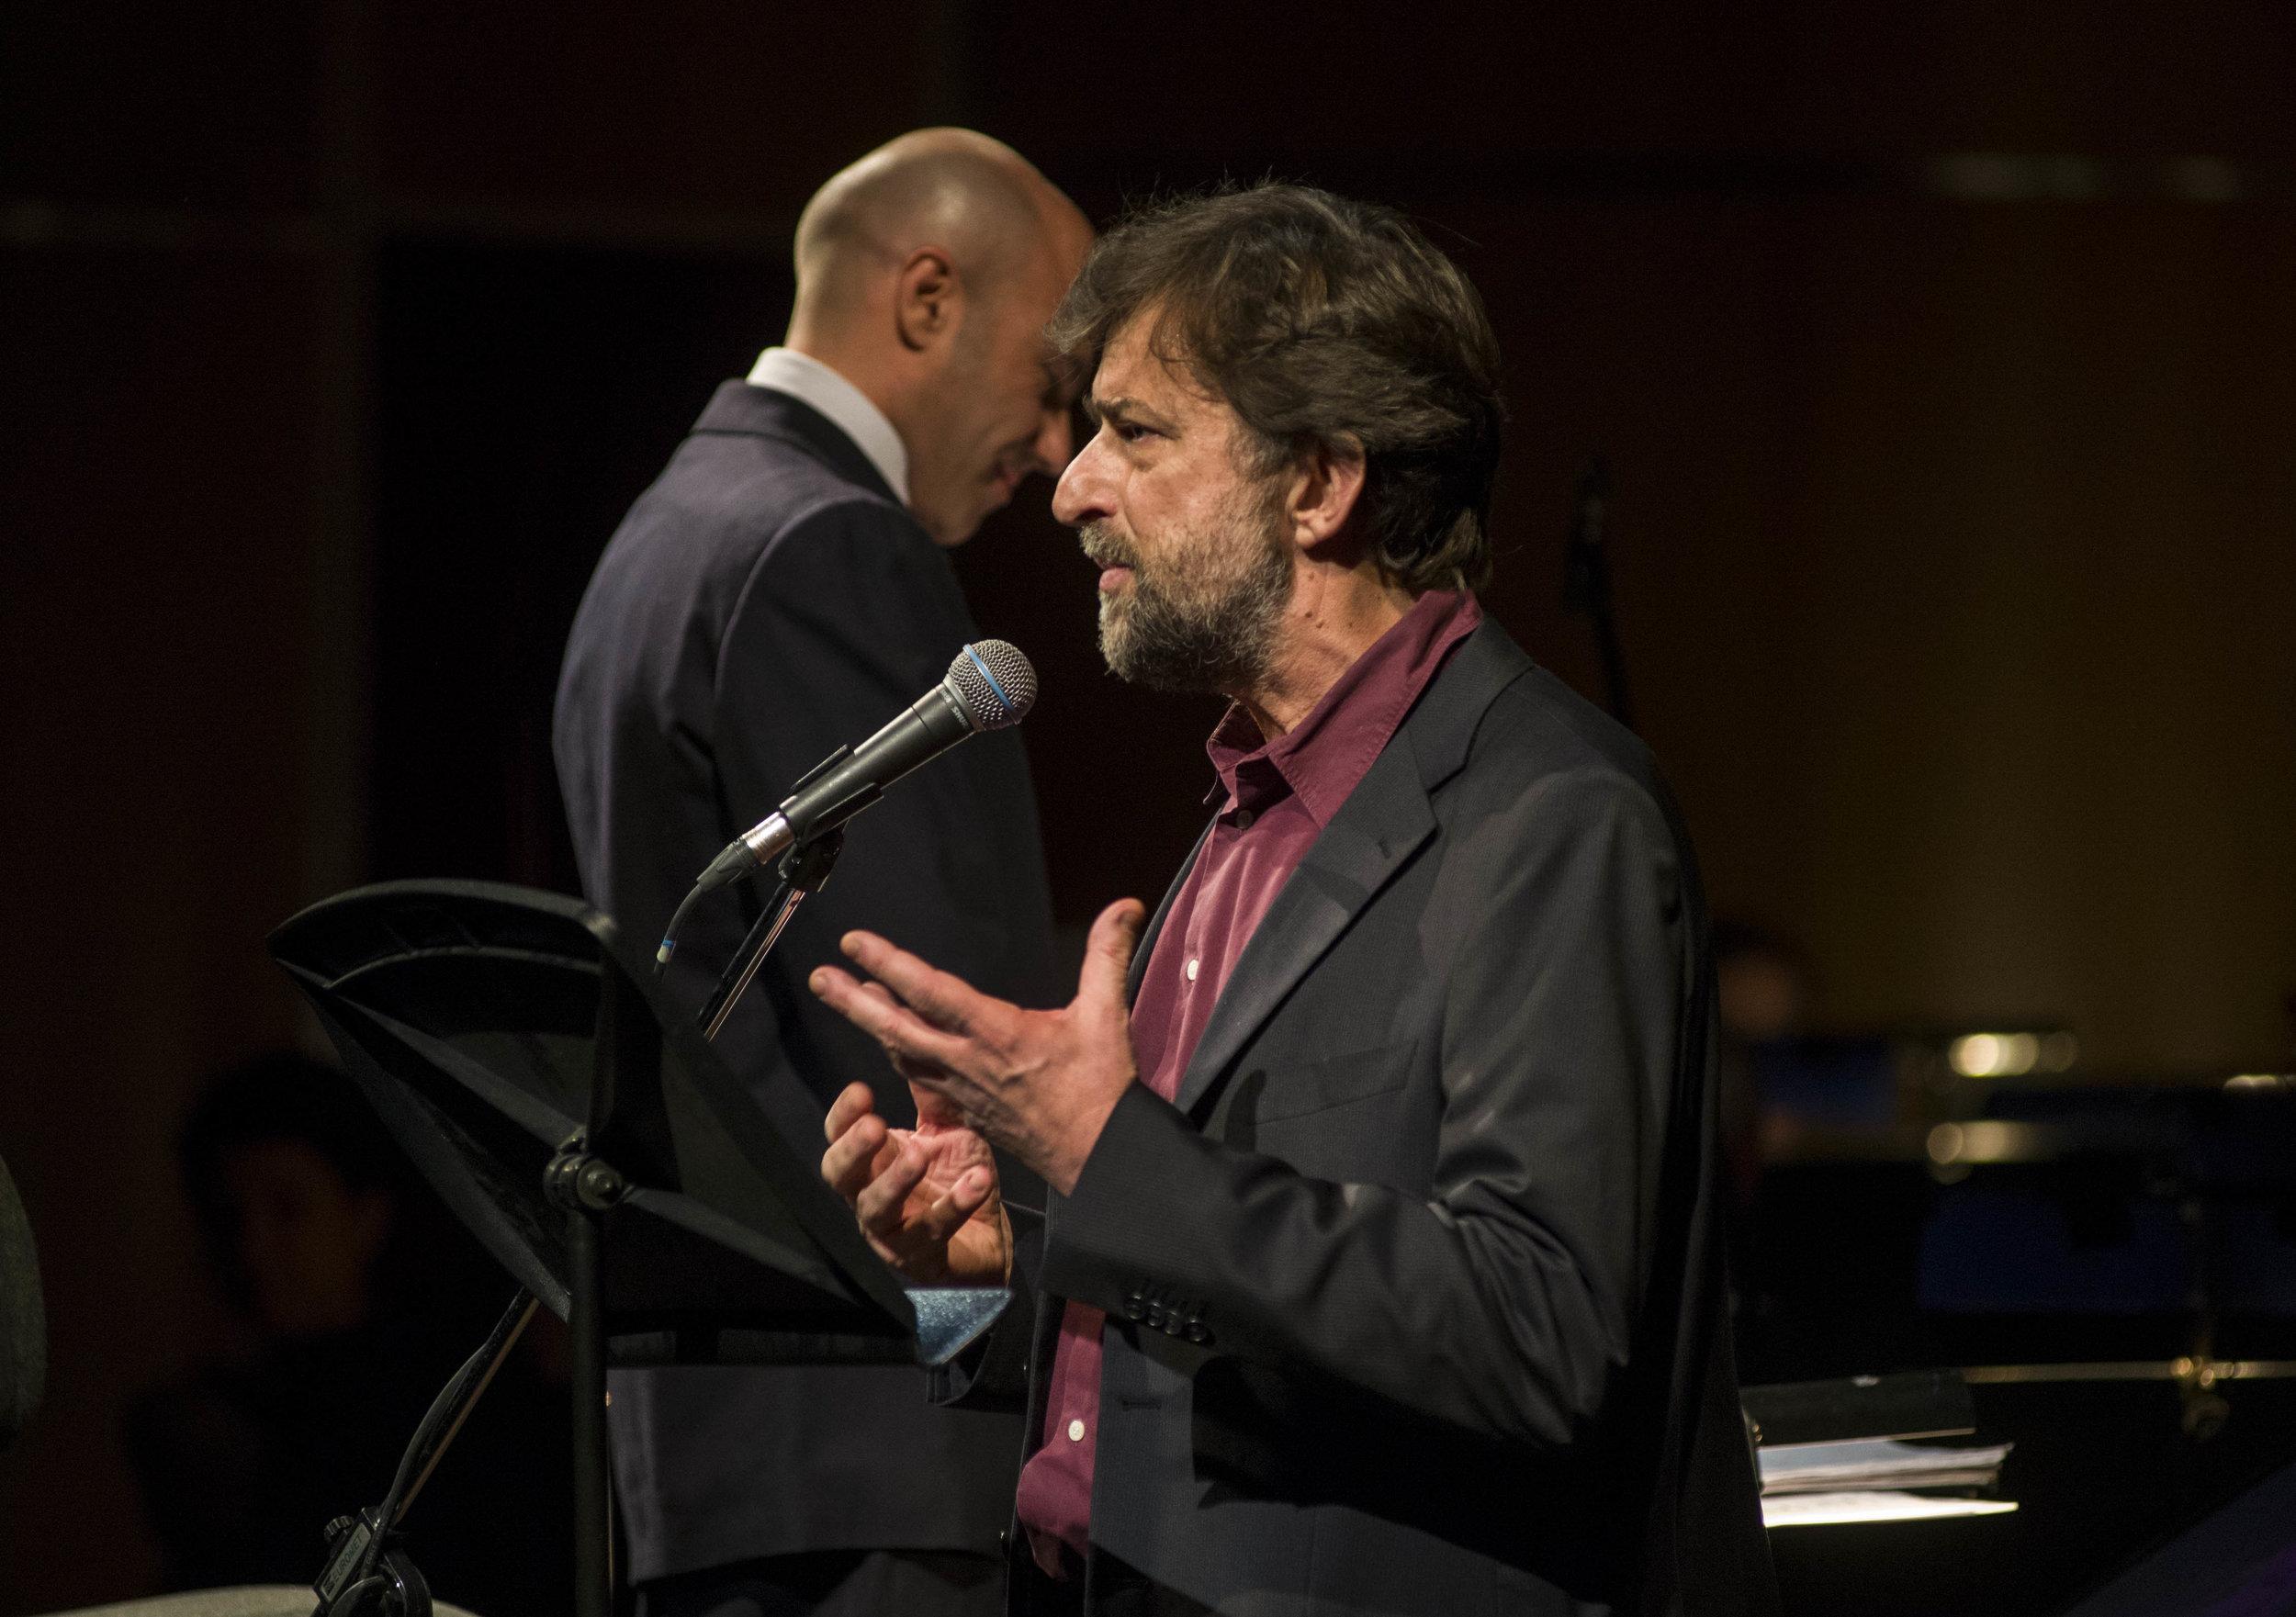 Concerto Moretti - the director Nanni Moretti during the performance